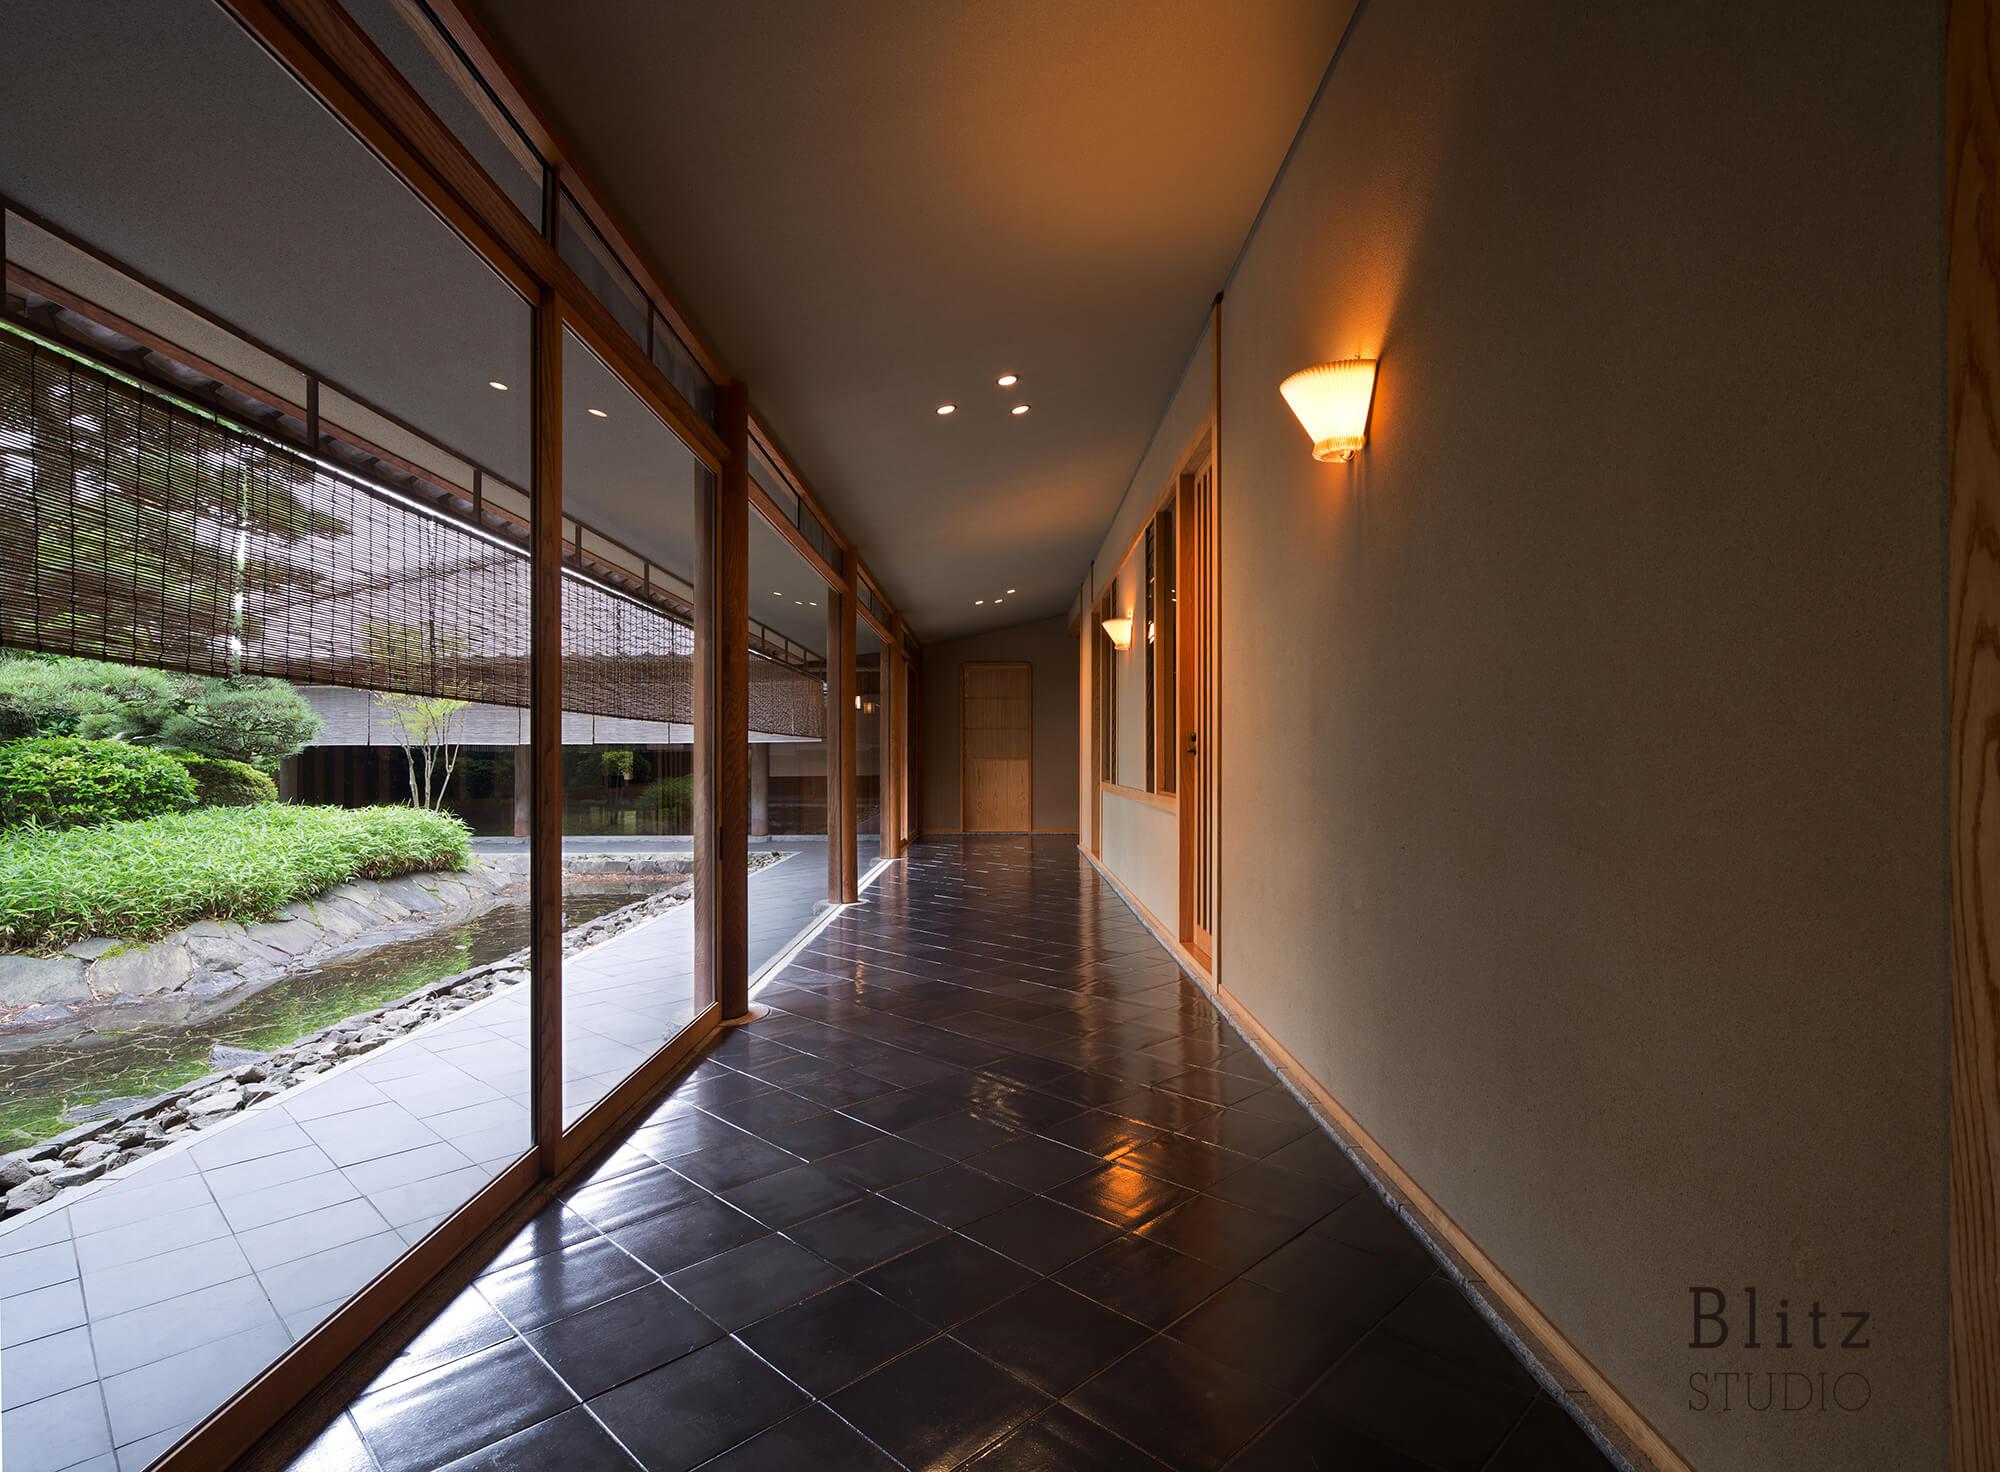 『宗像名残荘』建築写真・竣工写真・インテリア写真31